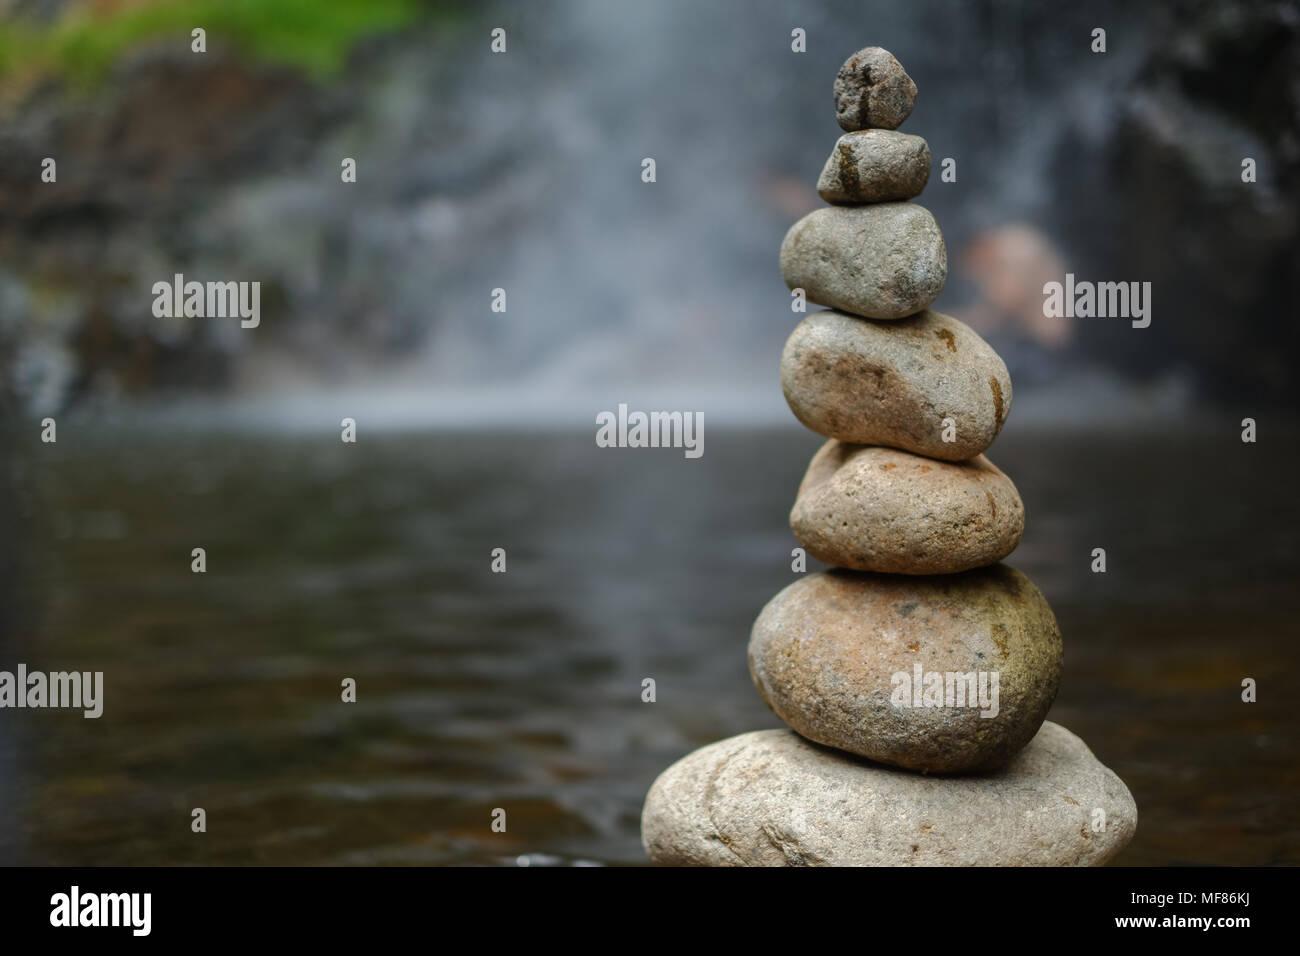 Kiesel auf der Wasserfall. Mit der Royalty Free Stock hohe Qualität der Steine Pyramide auf Kiesel Wasserfall symbolisiert Stabilität, Zen, Harmonie, Balance Stockbild